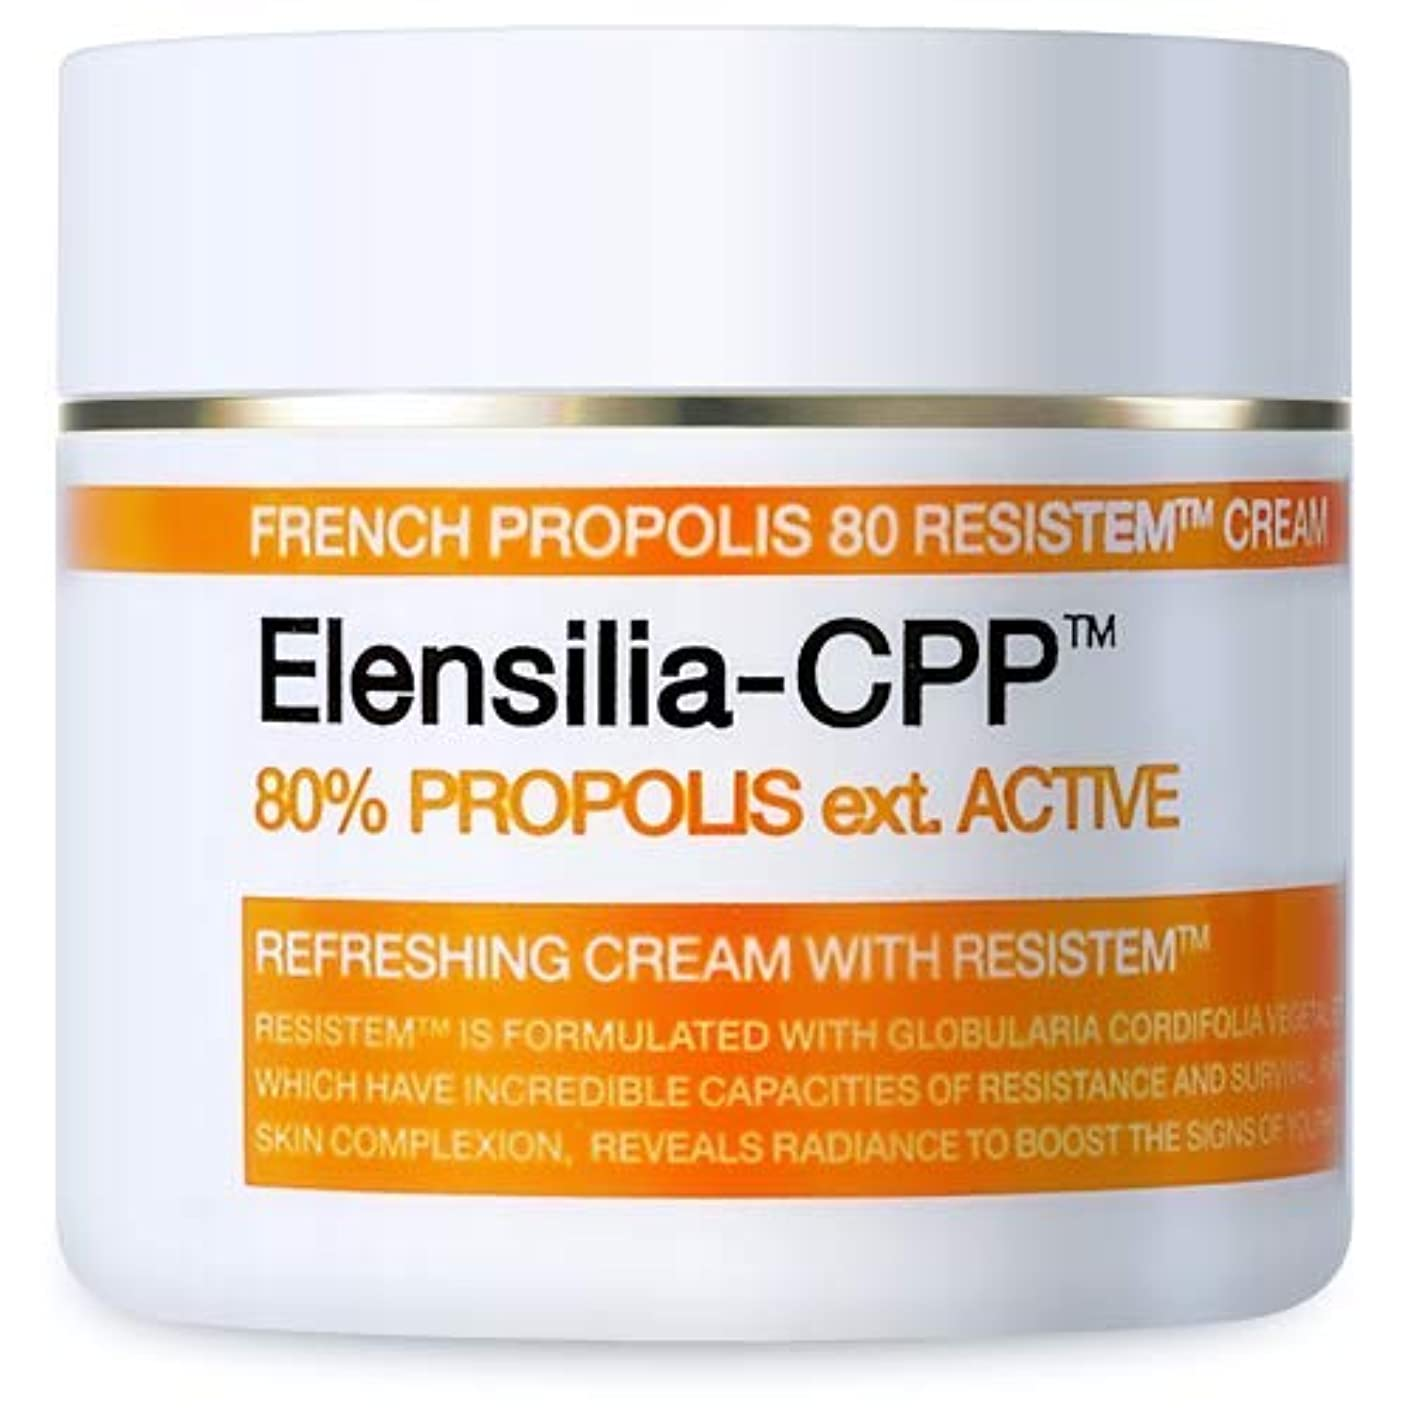 先のことを考えるバッチパースElensilia CPP フレンチ プロポリス 80 リシステム クリーム / CPP French Propolis 80 Resistem Cream (50g) [並行輸入品]